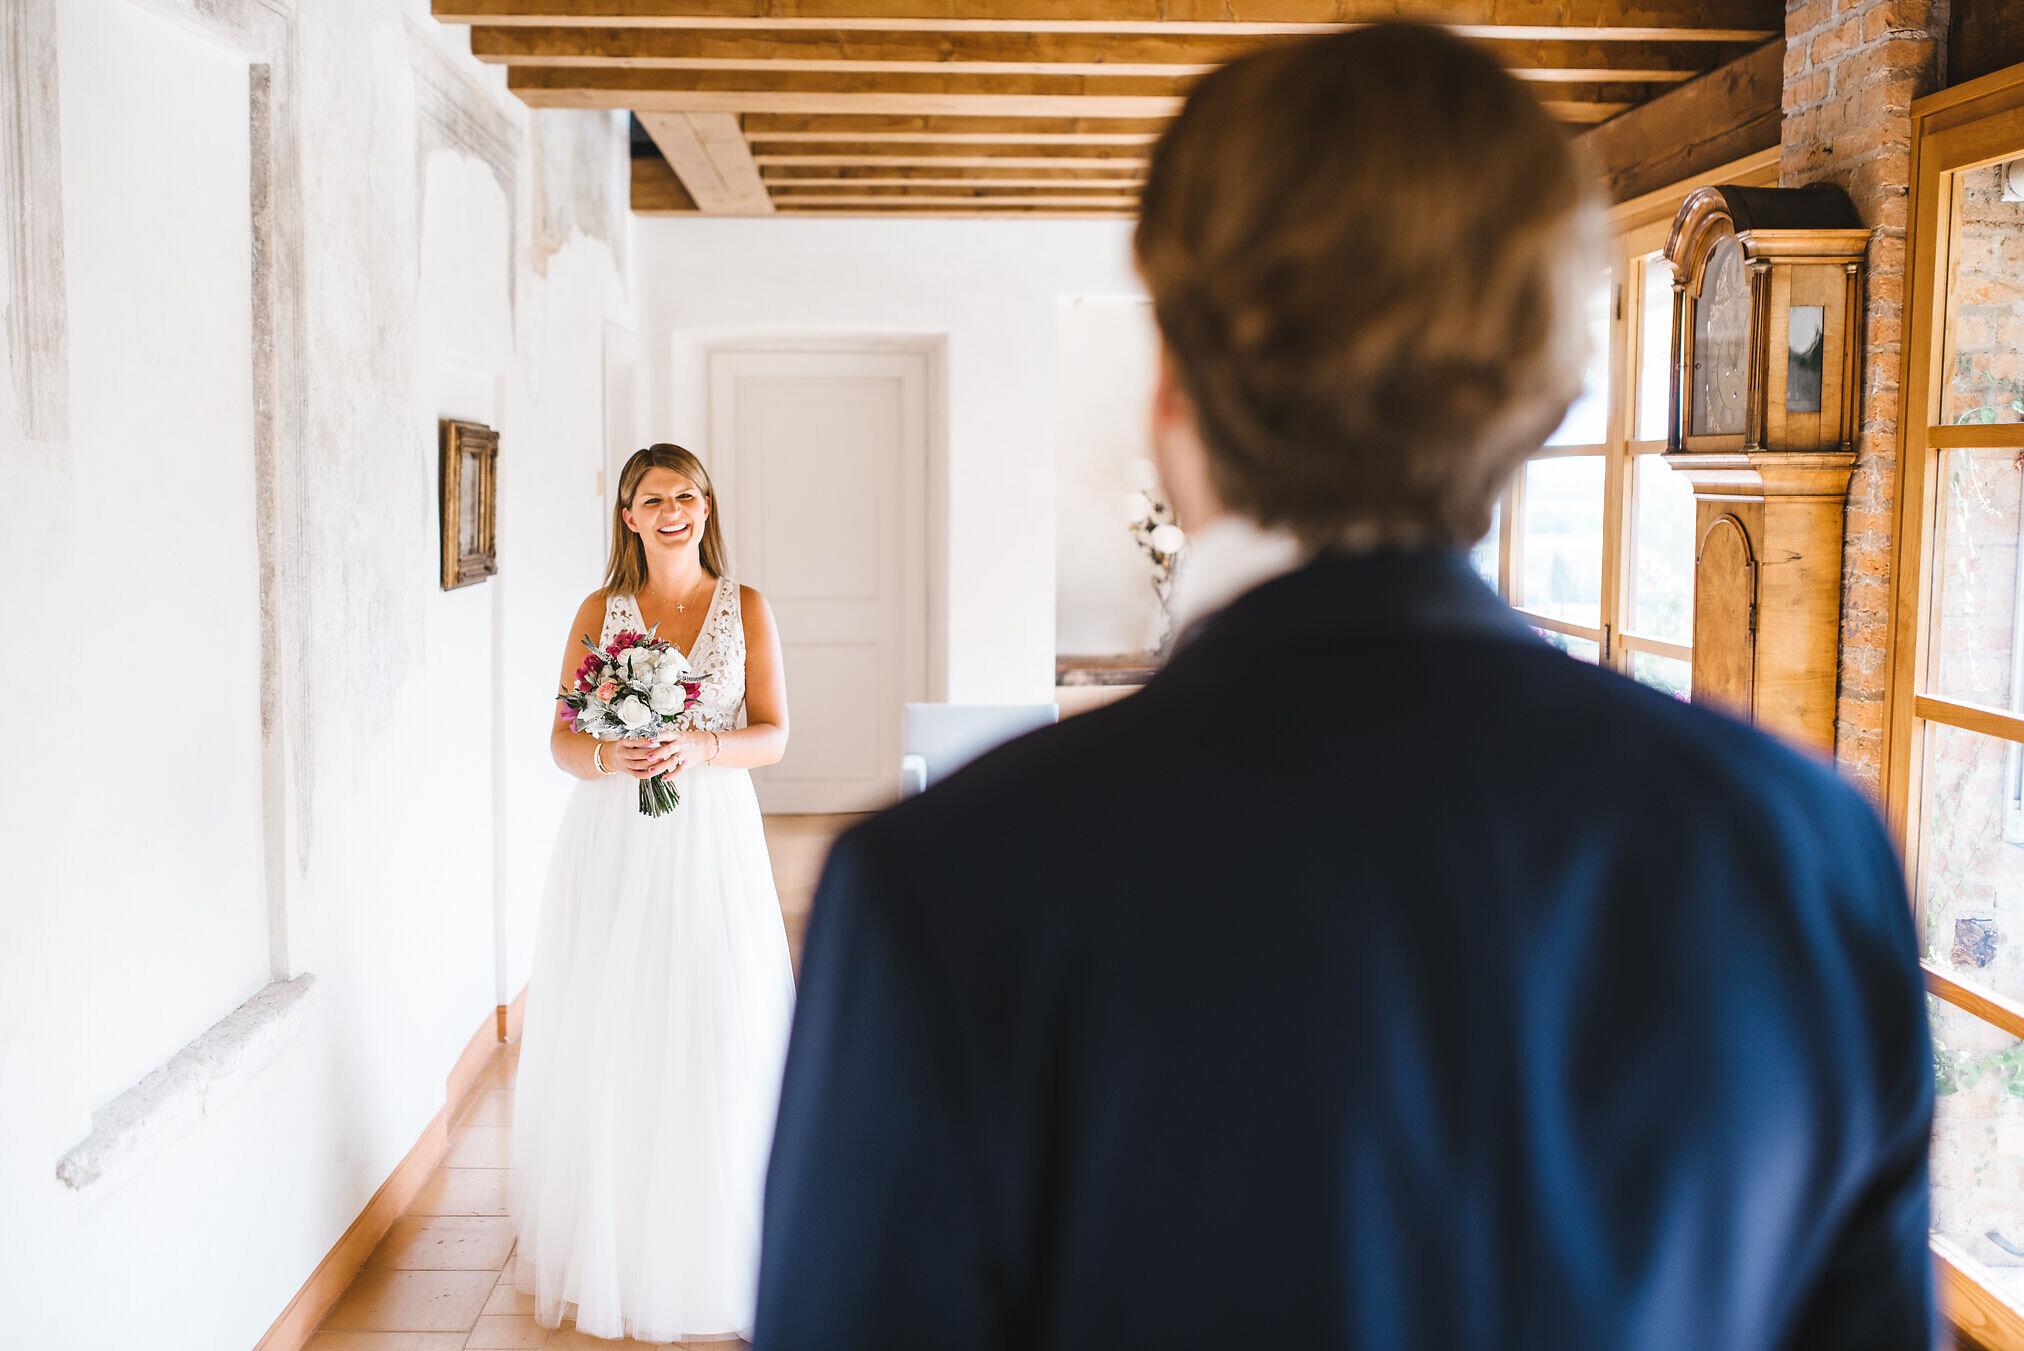 Wedding-Lake-Garda-Villa-Arcadio-17.jpg